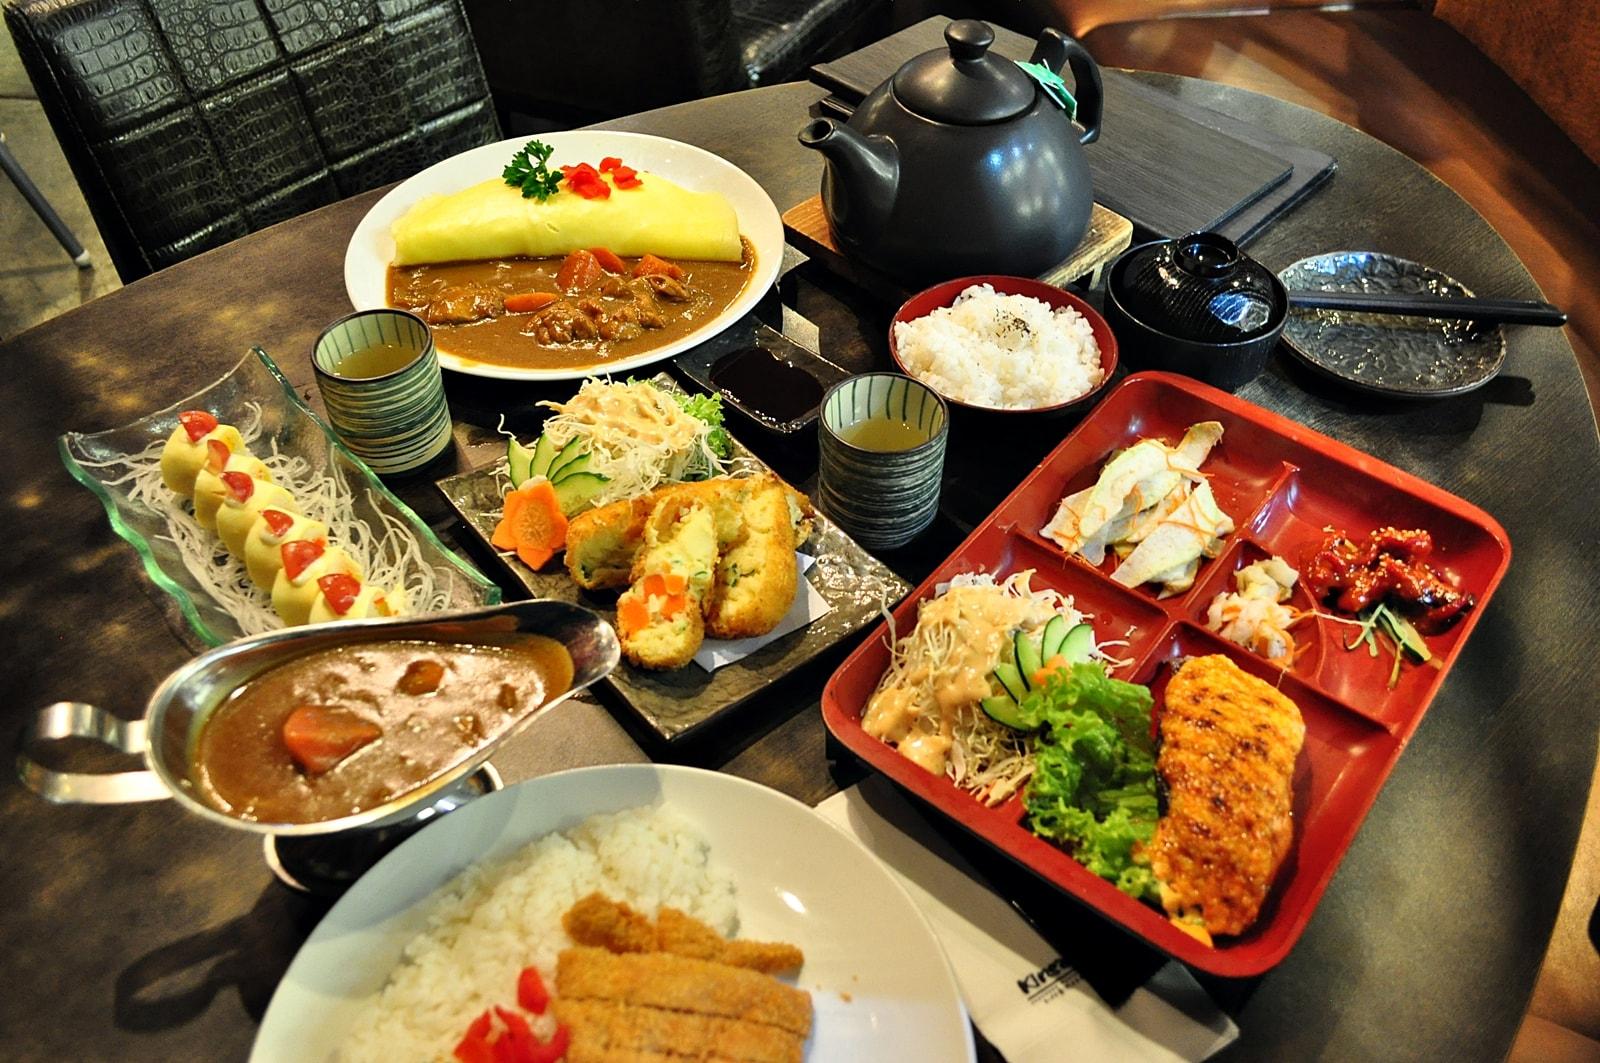 фото еды японии же